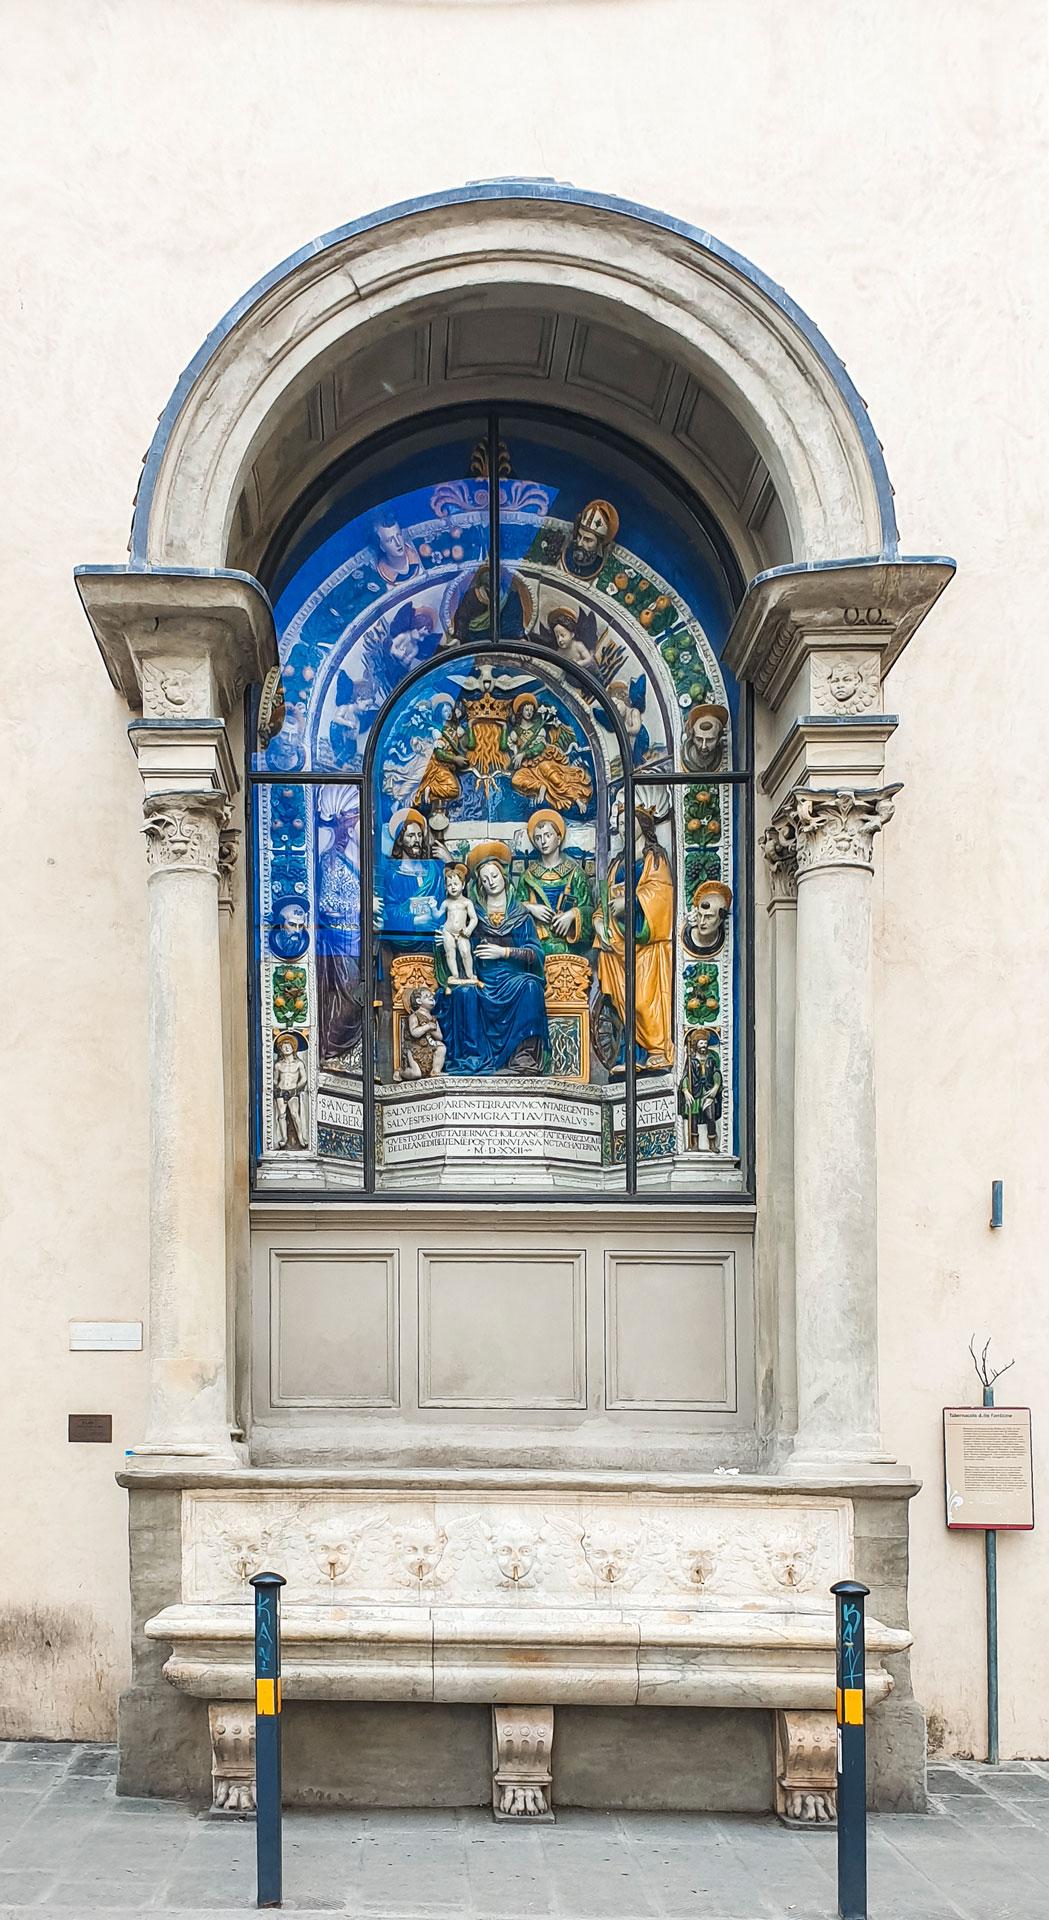 Il bellissimo tabernacolo delle fonticine con la pala centrale colorata principalmente in blu e giallo e verde. Sotto una fontana con vasca con le teste dei putti che gettano l'acqua.